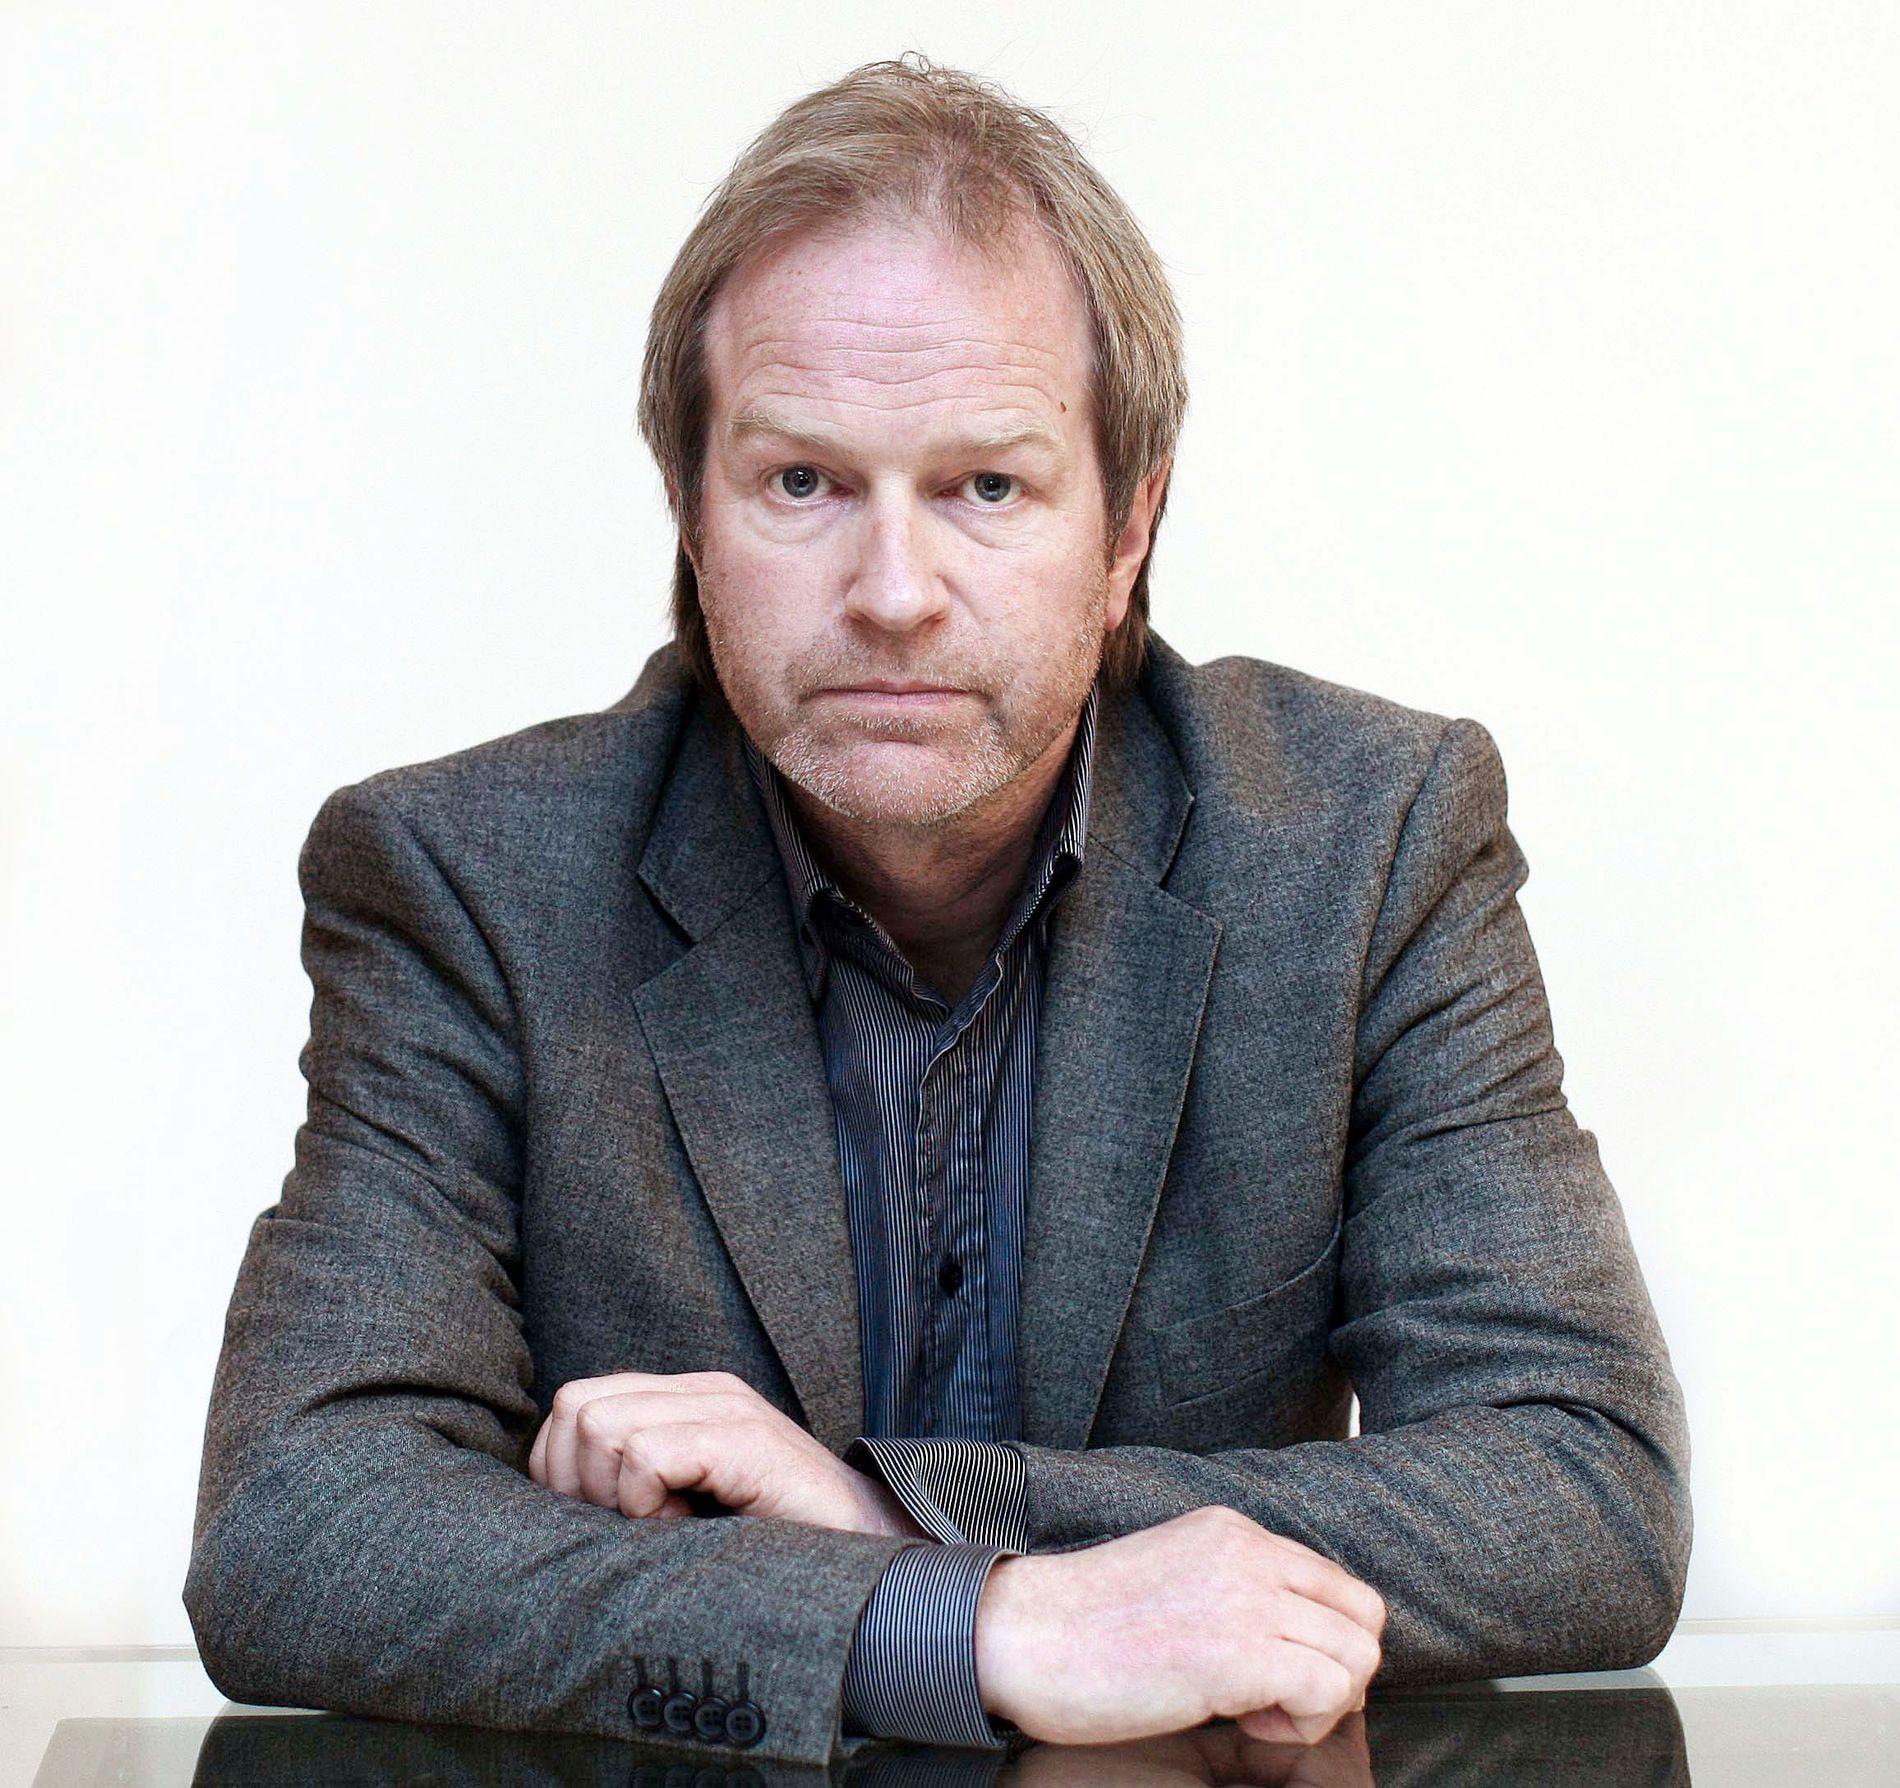 KOMMENTERER: VGs Knut Espen Svegaarden møtte Åge Hareide i København torsdag kveld.